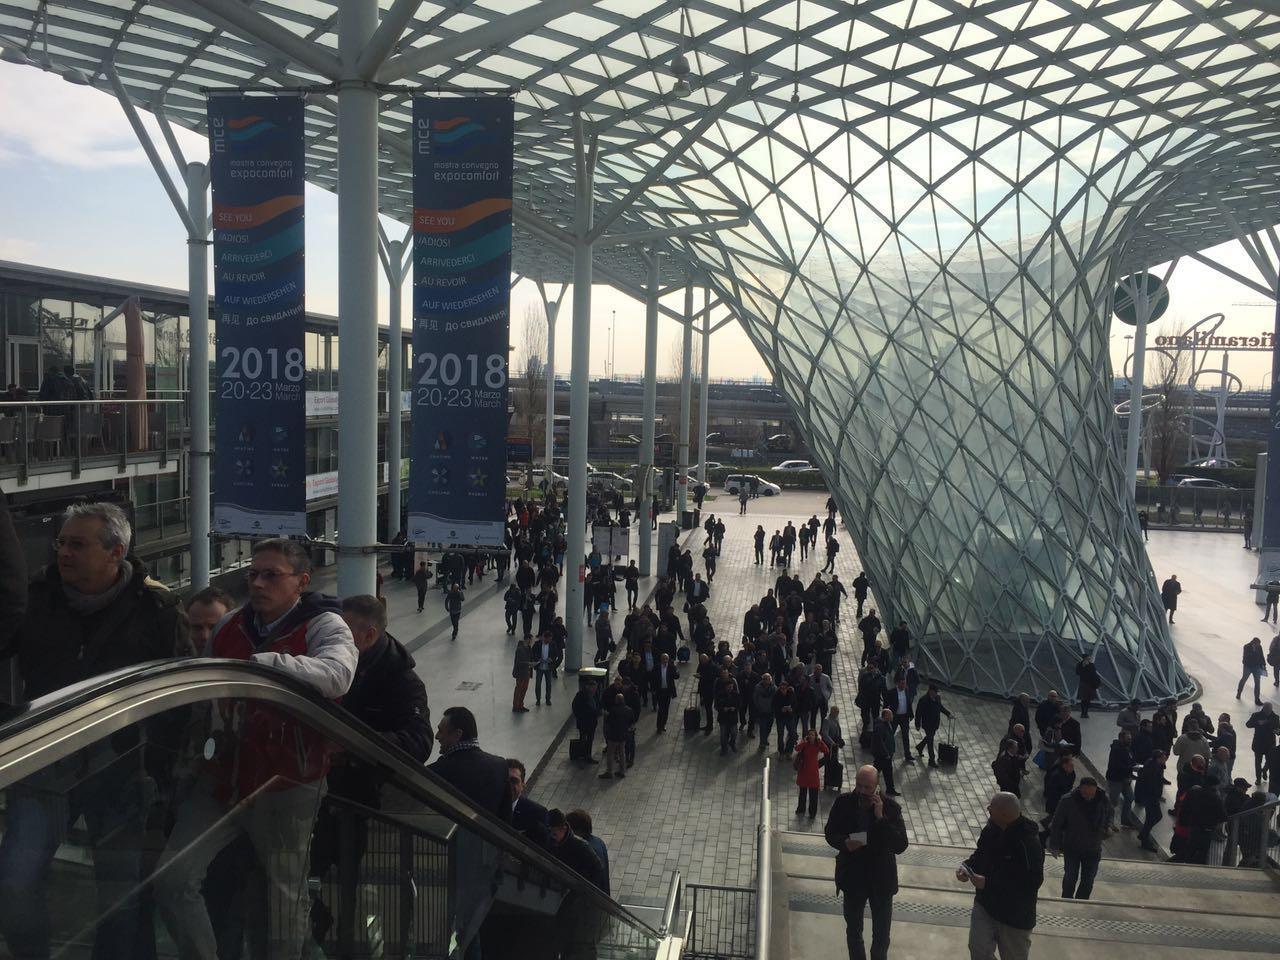 Mostra Convegno Expocomfort Fuarı Milano'da Düzenlendi